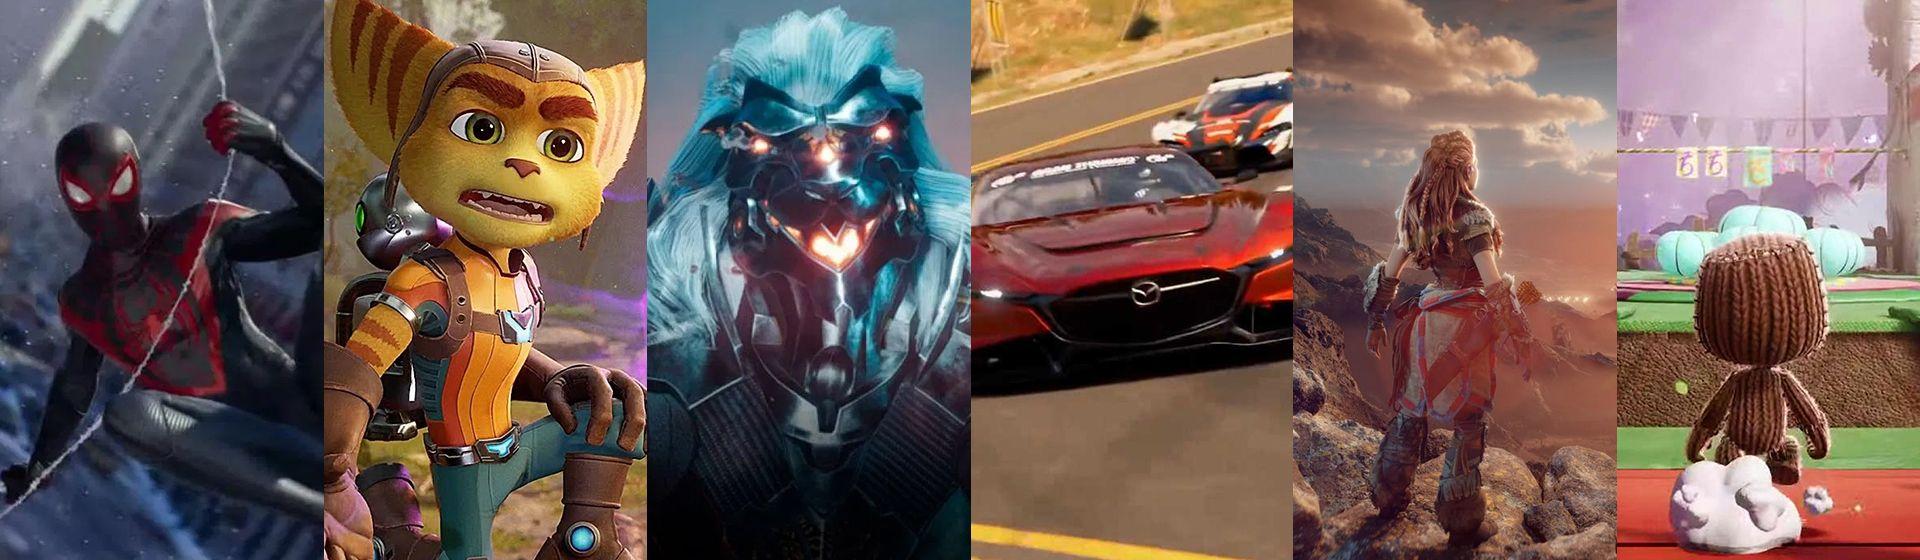 Jogos do PS5: veja os games exclusivos anunciados para o console